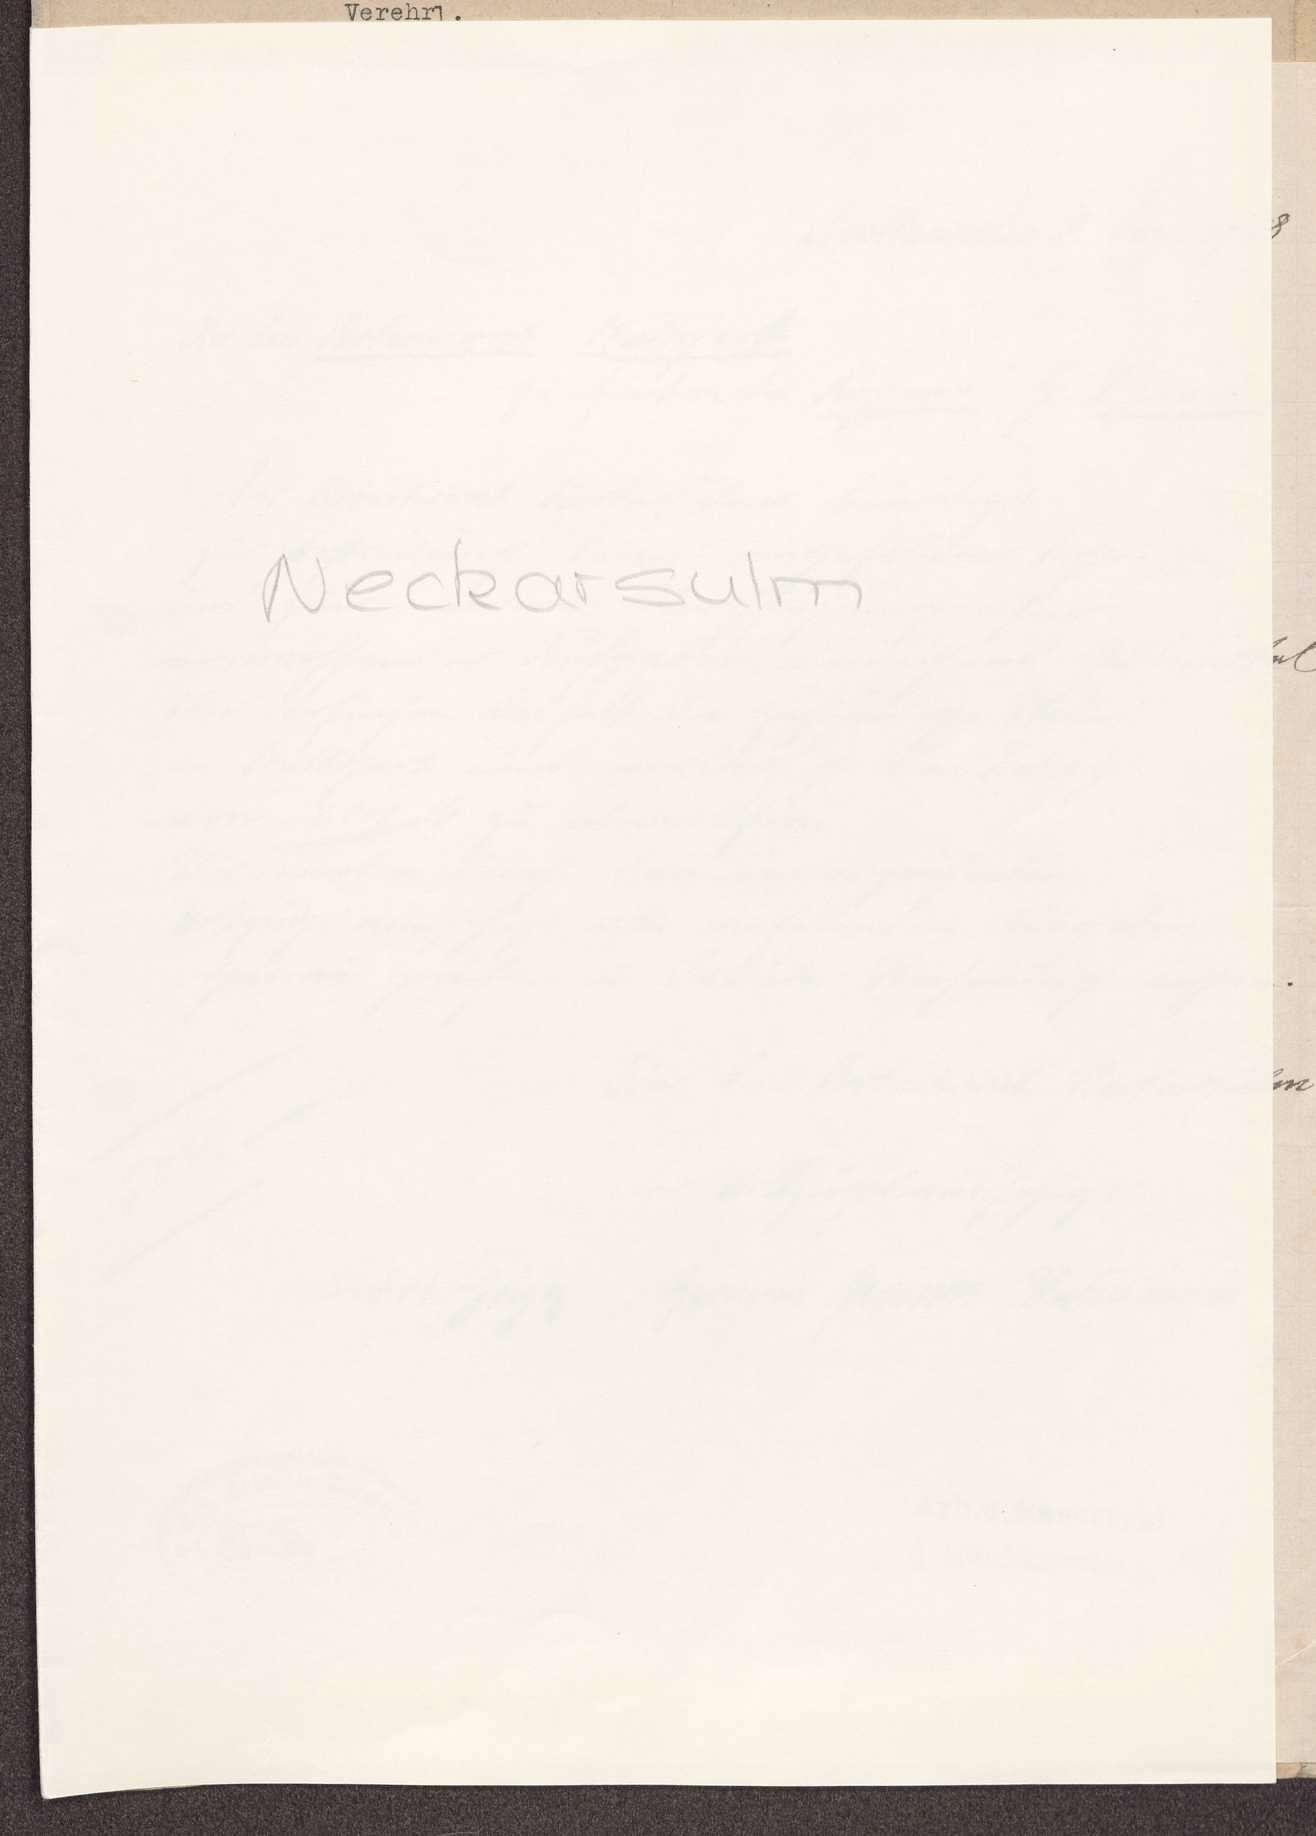 Finanzierung und Rechnungslegung örtlicher Arbeiter- und Bauernräte im Oberamt Neckarsulm, Bild 1